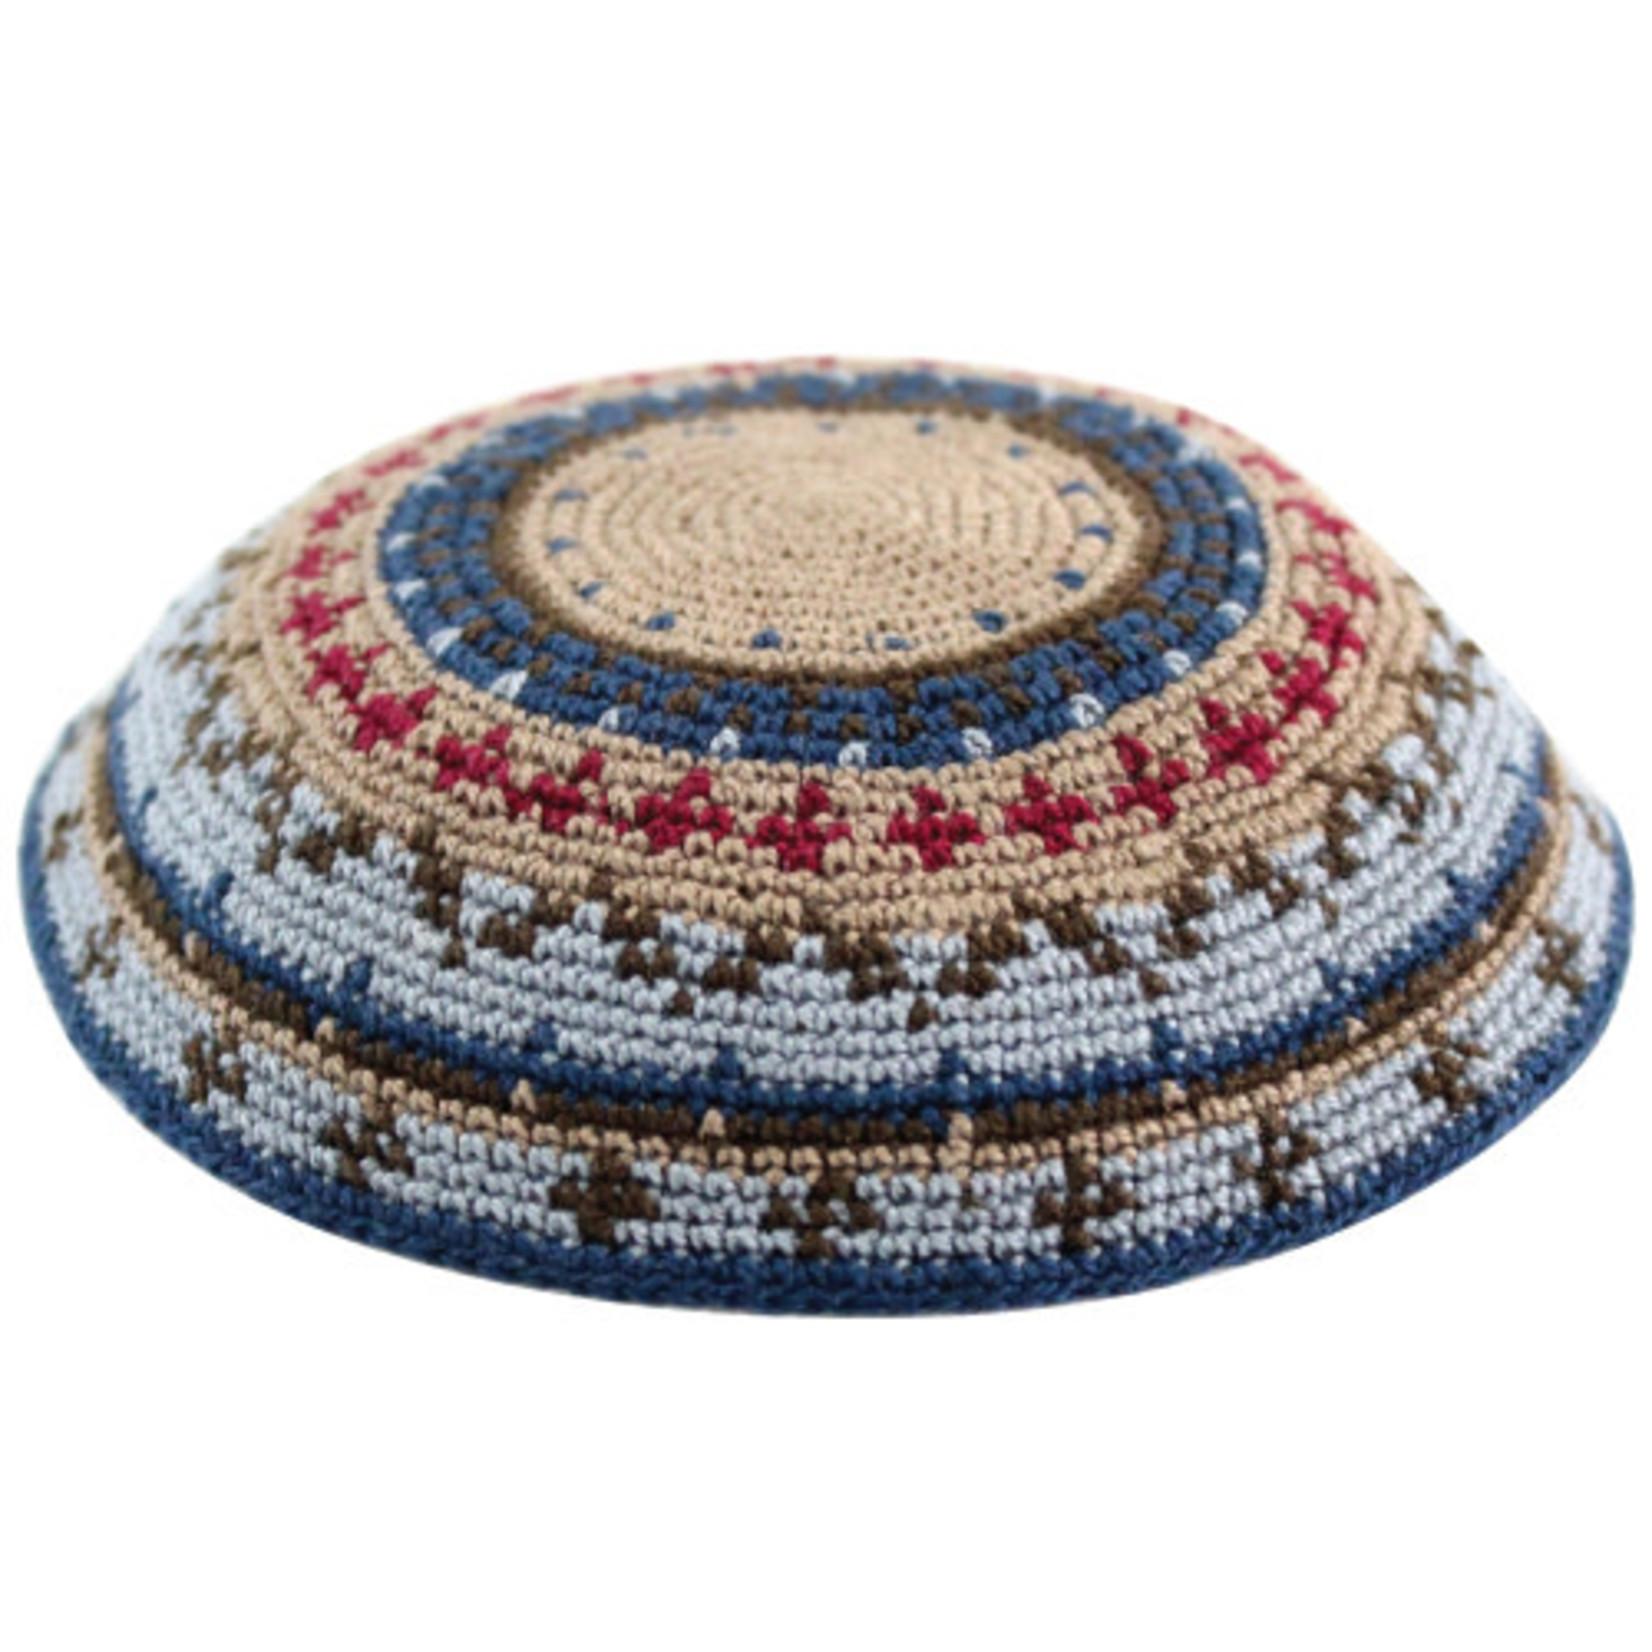 DMC Knit Kippah, 16cm